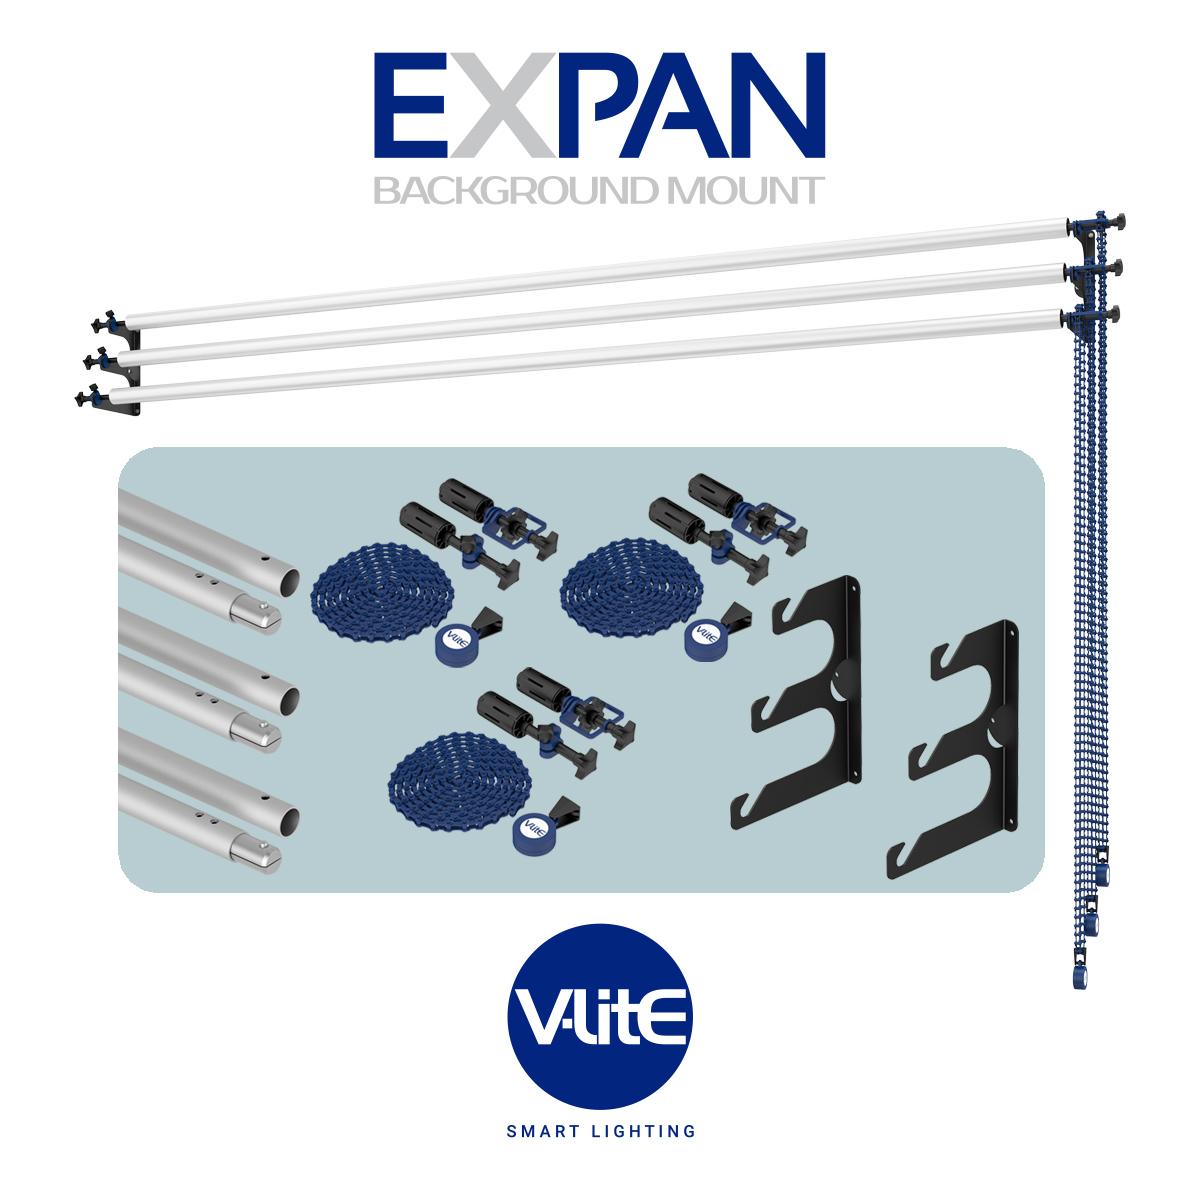 Kit para Parede com Expan V-LITE